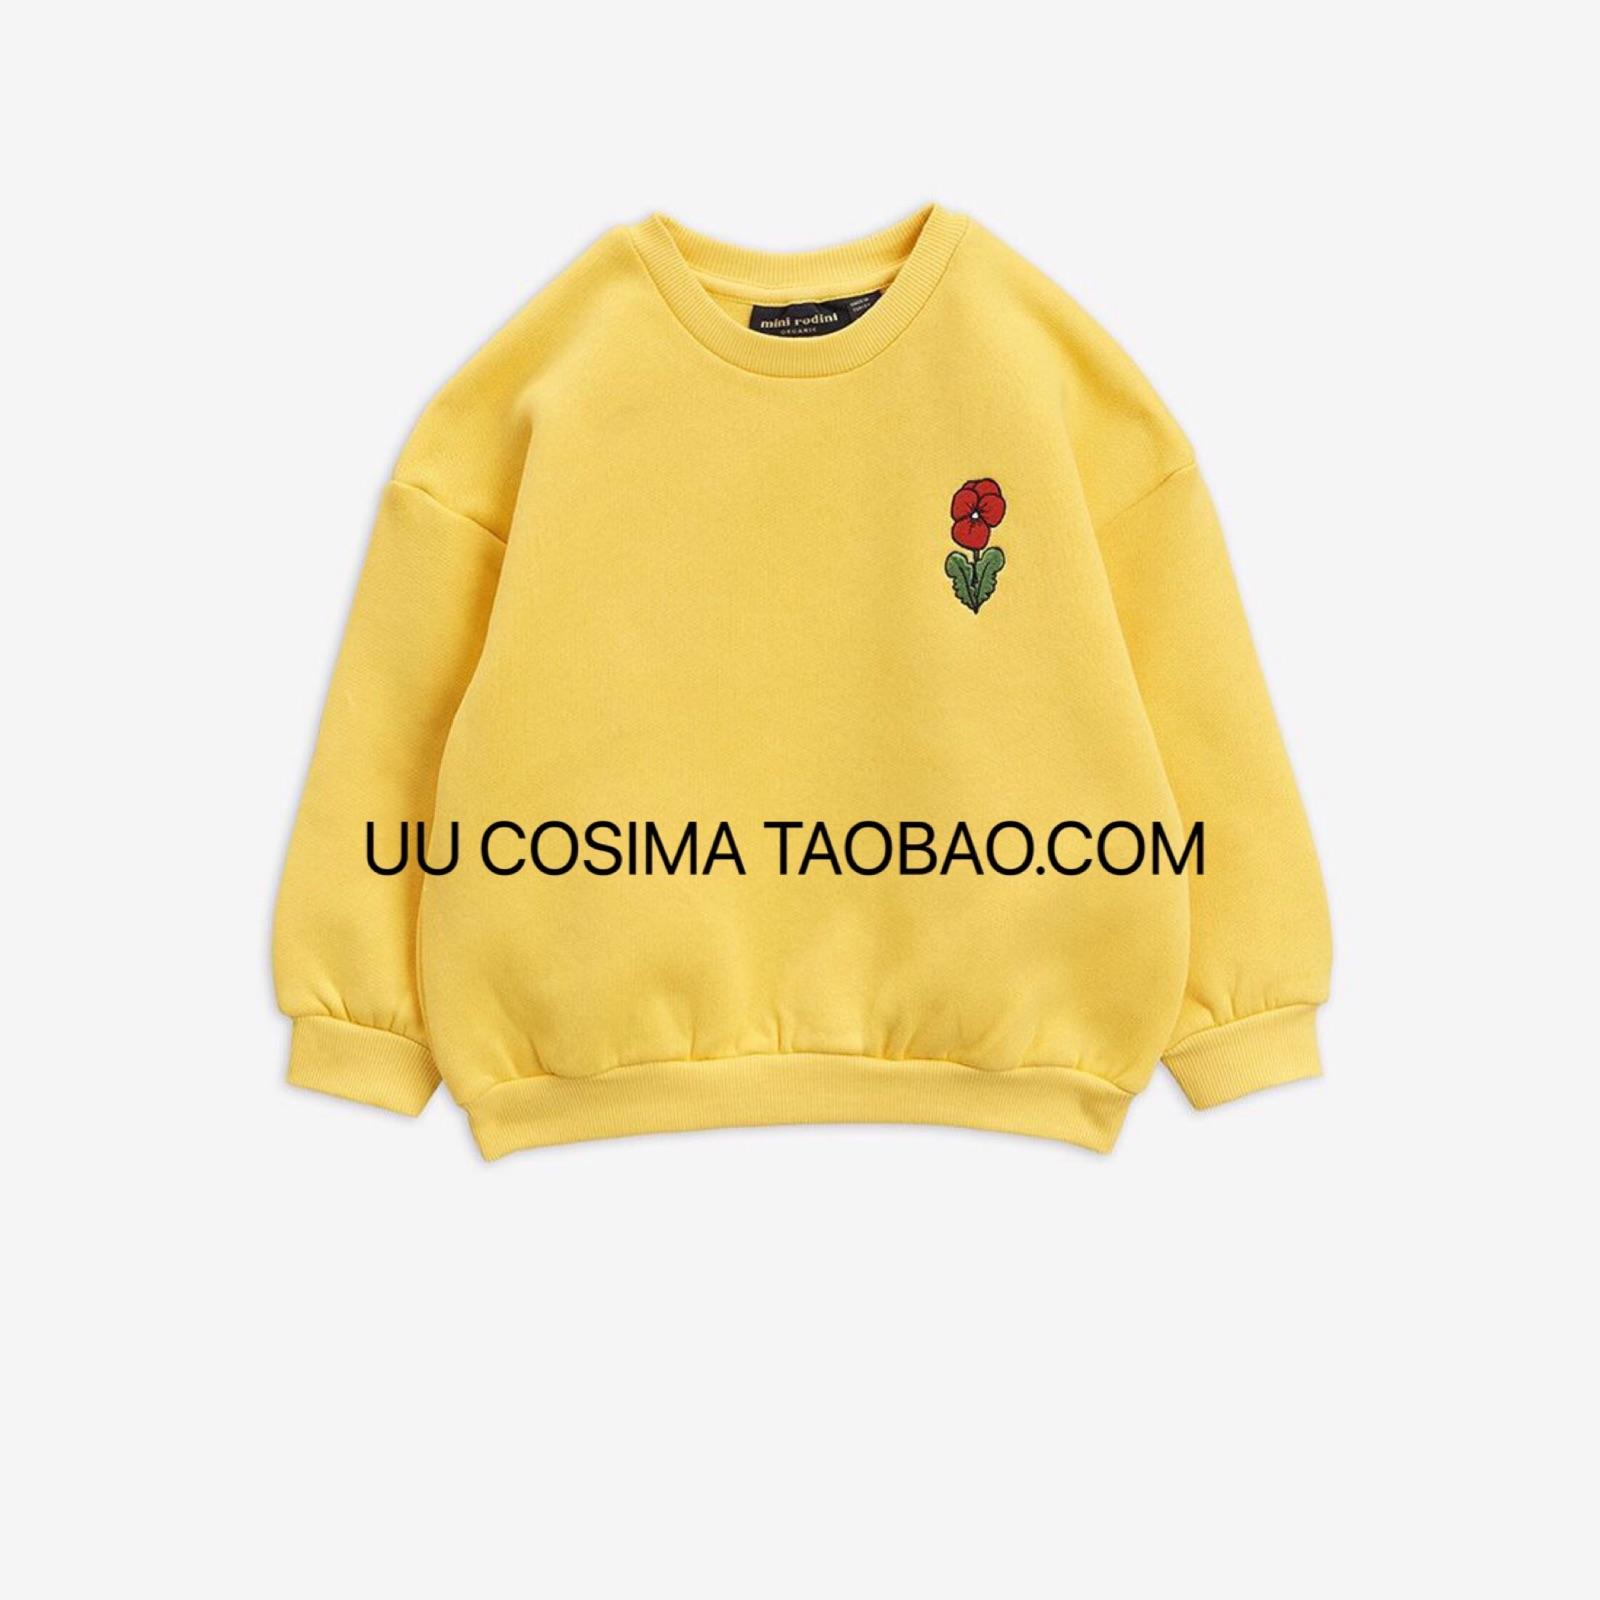 [사전판매]미니로디니 mini rodini 20FW 비올라 핑크플라워 셔츠 바지 원피스(9월배송예정)